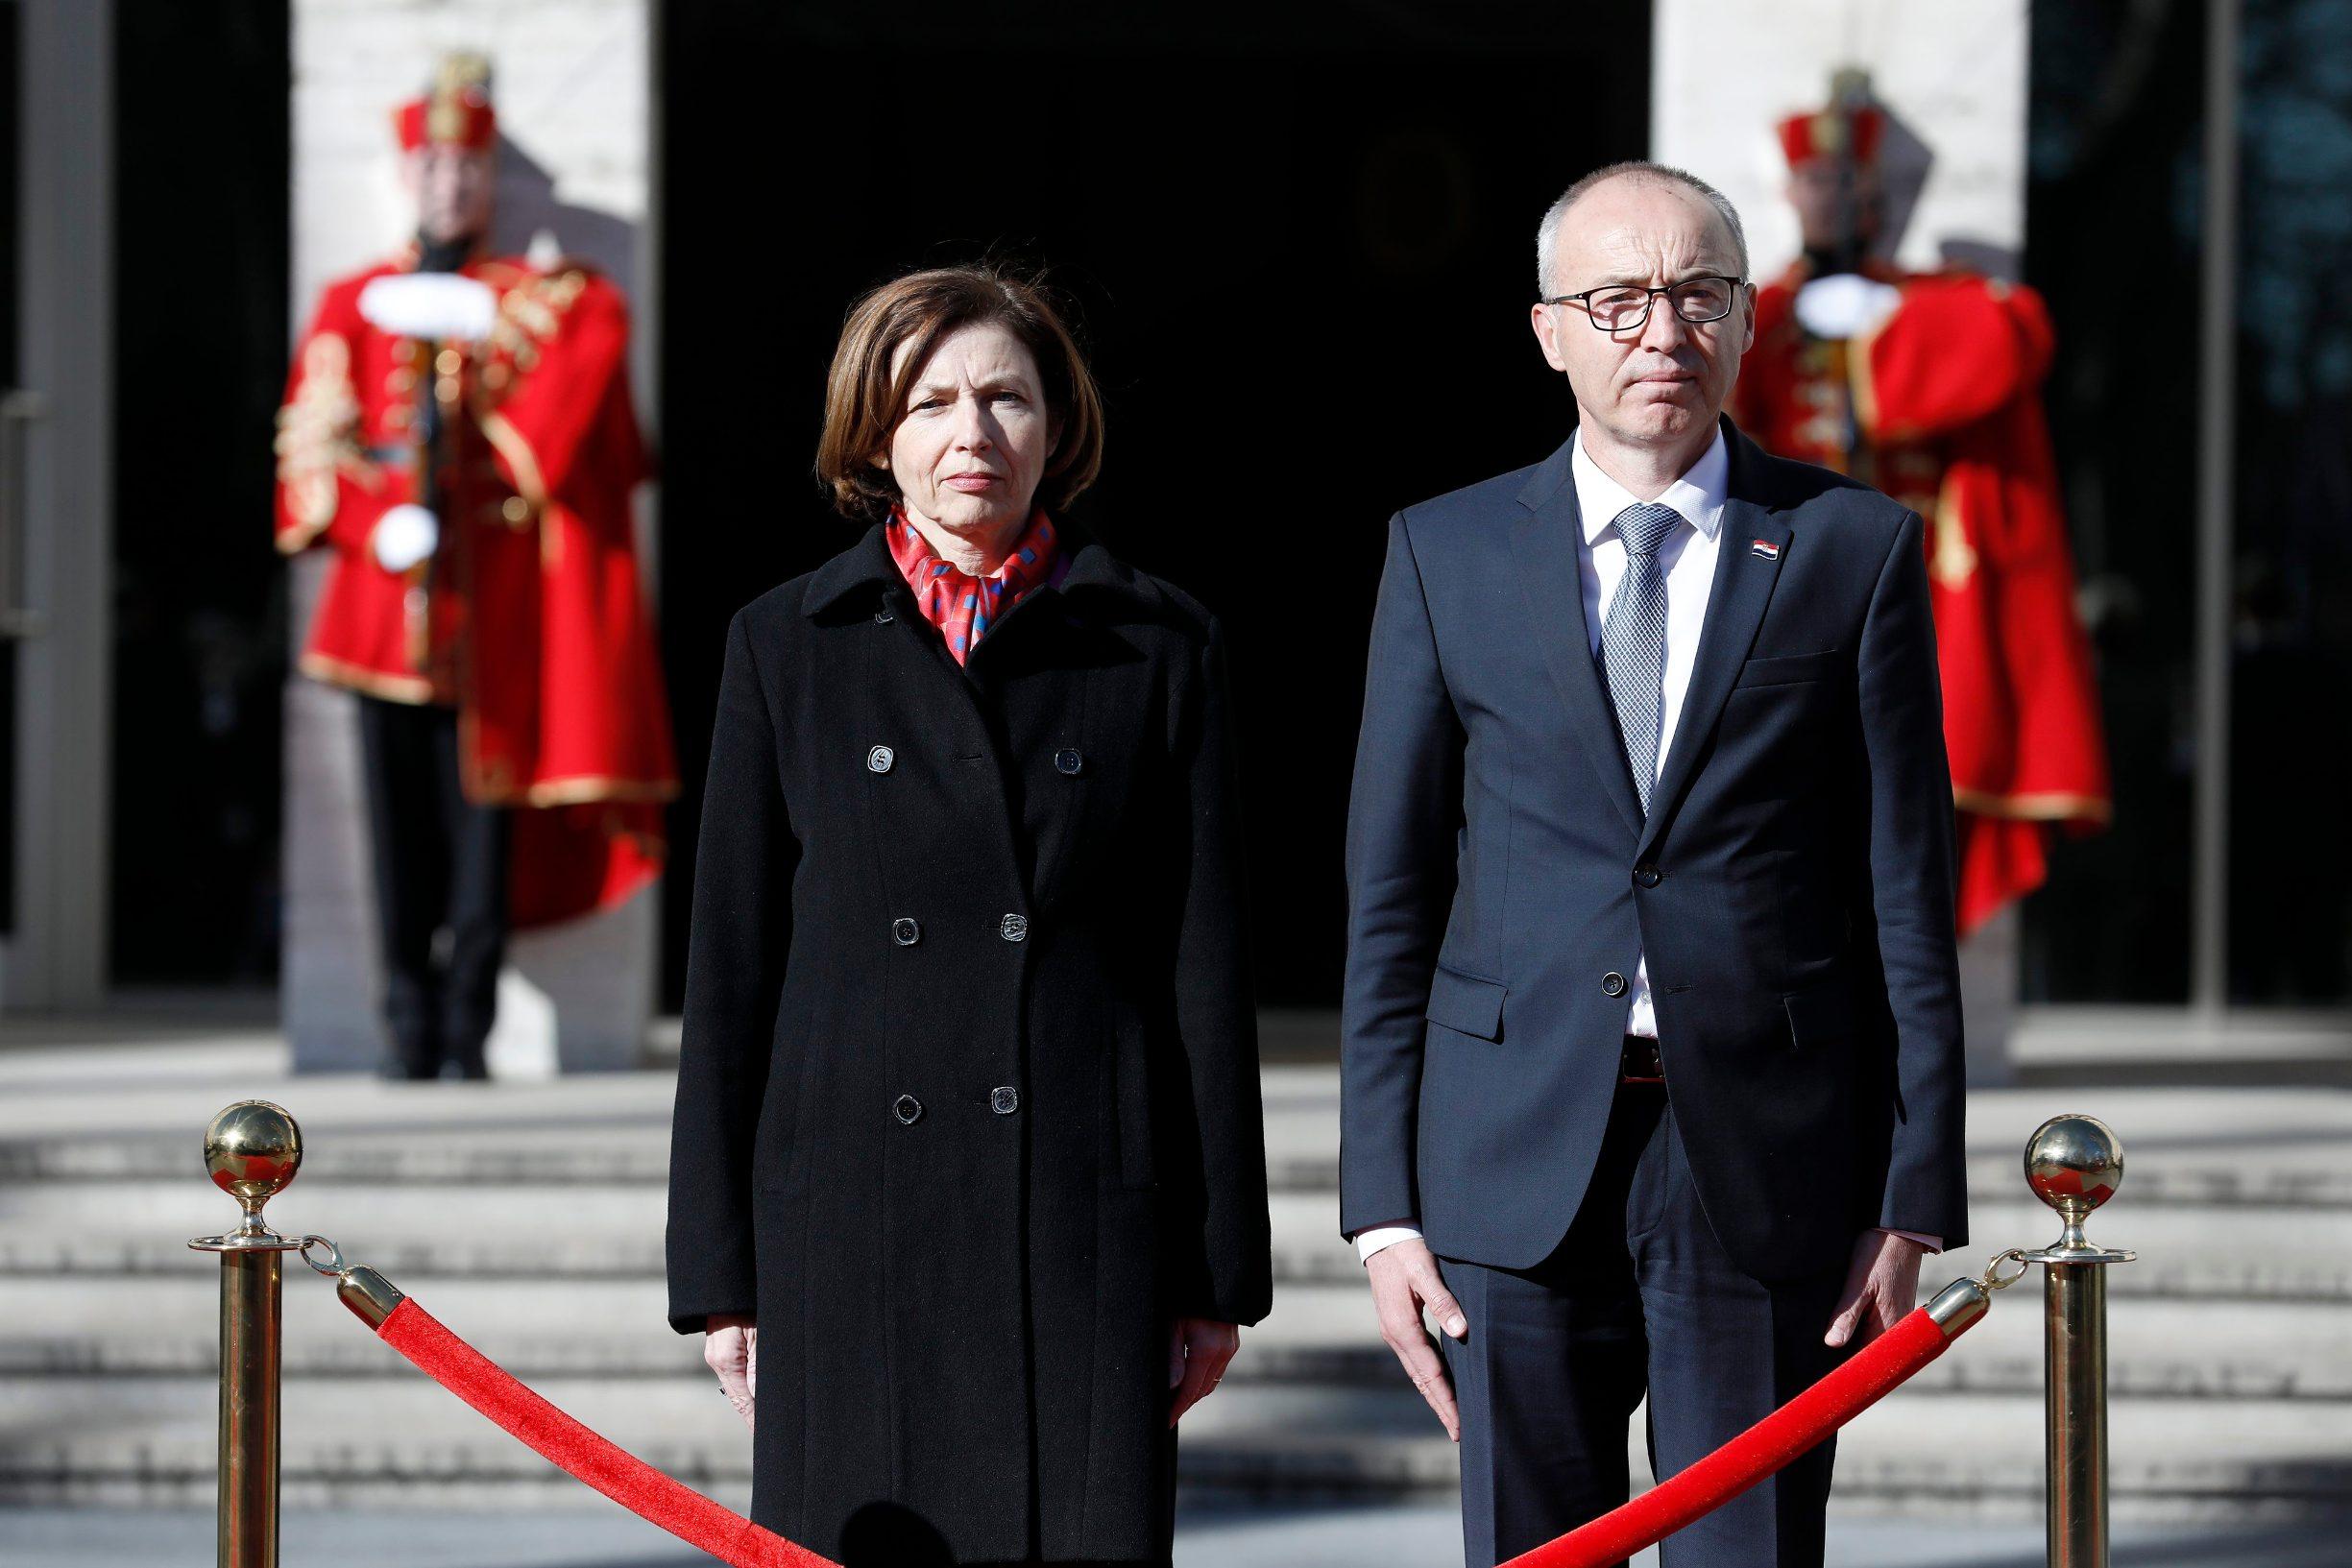 France minister of defence Florence Parla and Croatian Damir Krstičević